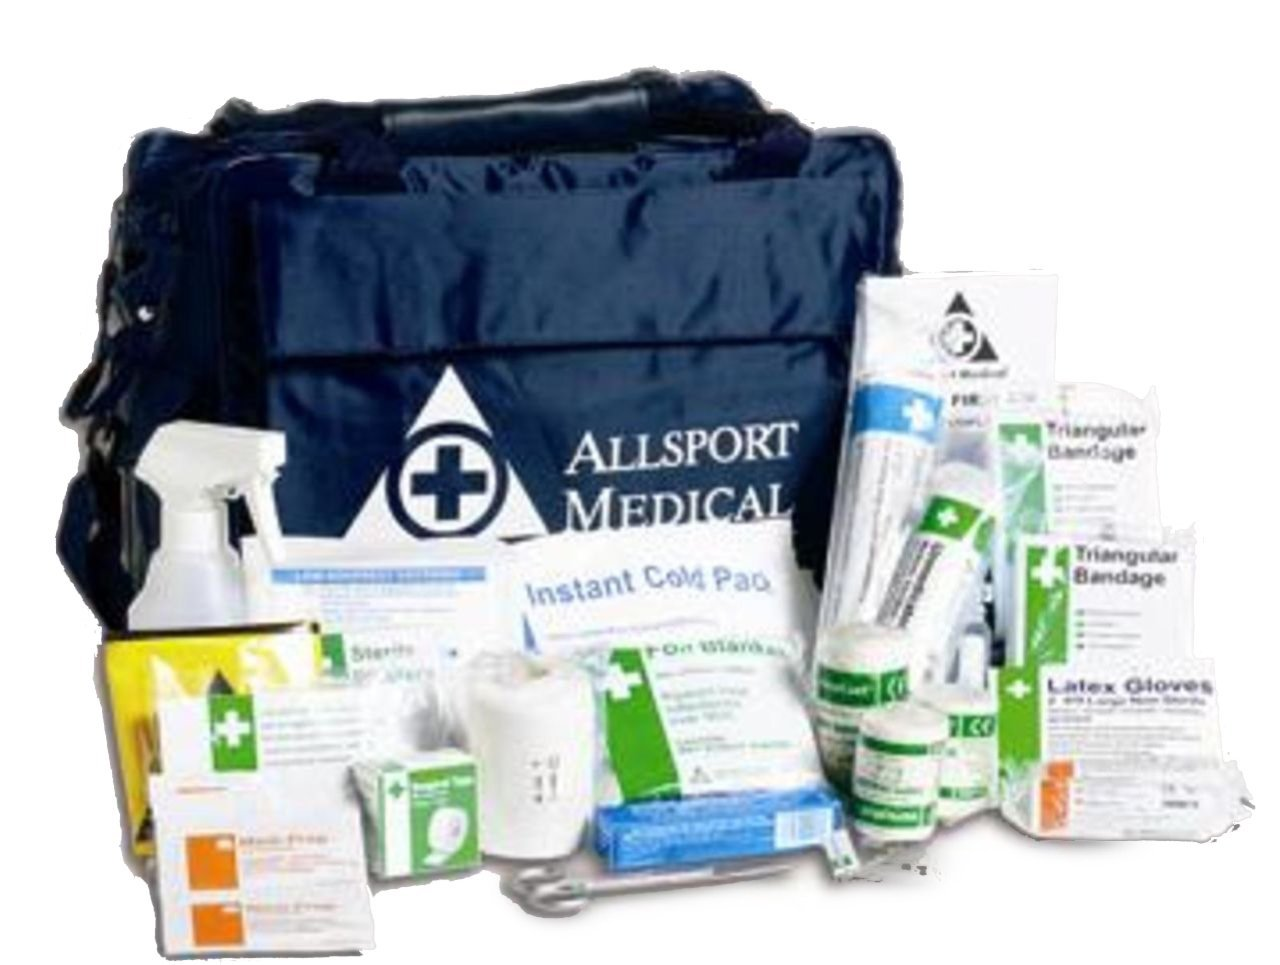 CreativeMindsUK Sport Verletzungen Notfall Behandlung Schmerzlinderung Medical Reisetasche und Erste-Hilfe-Set